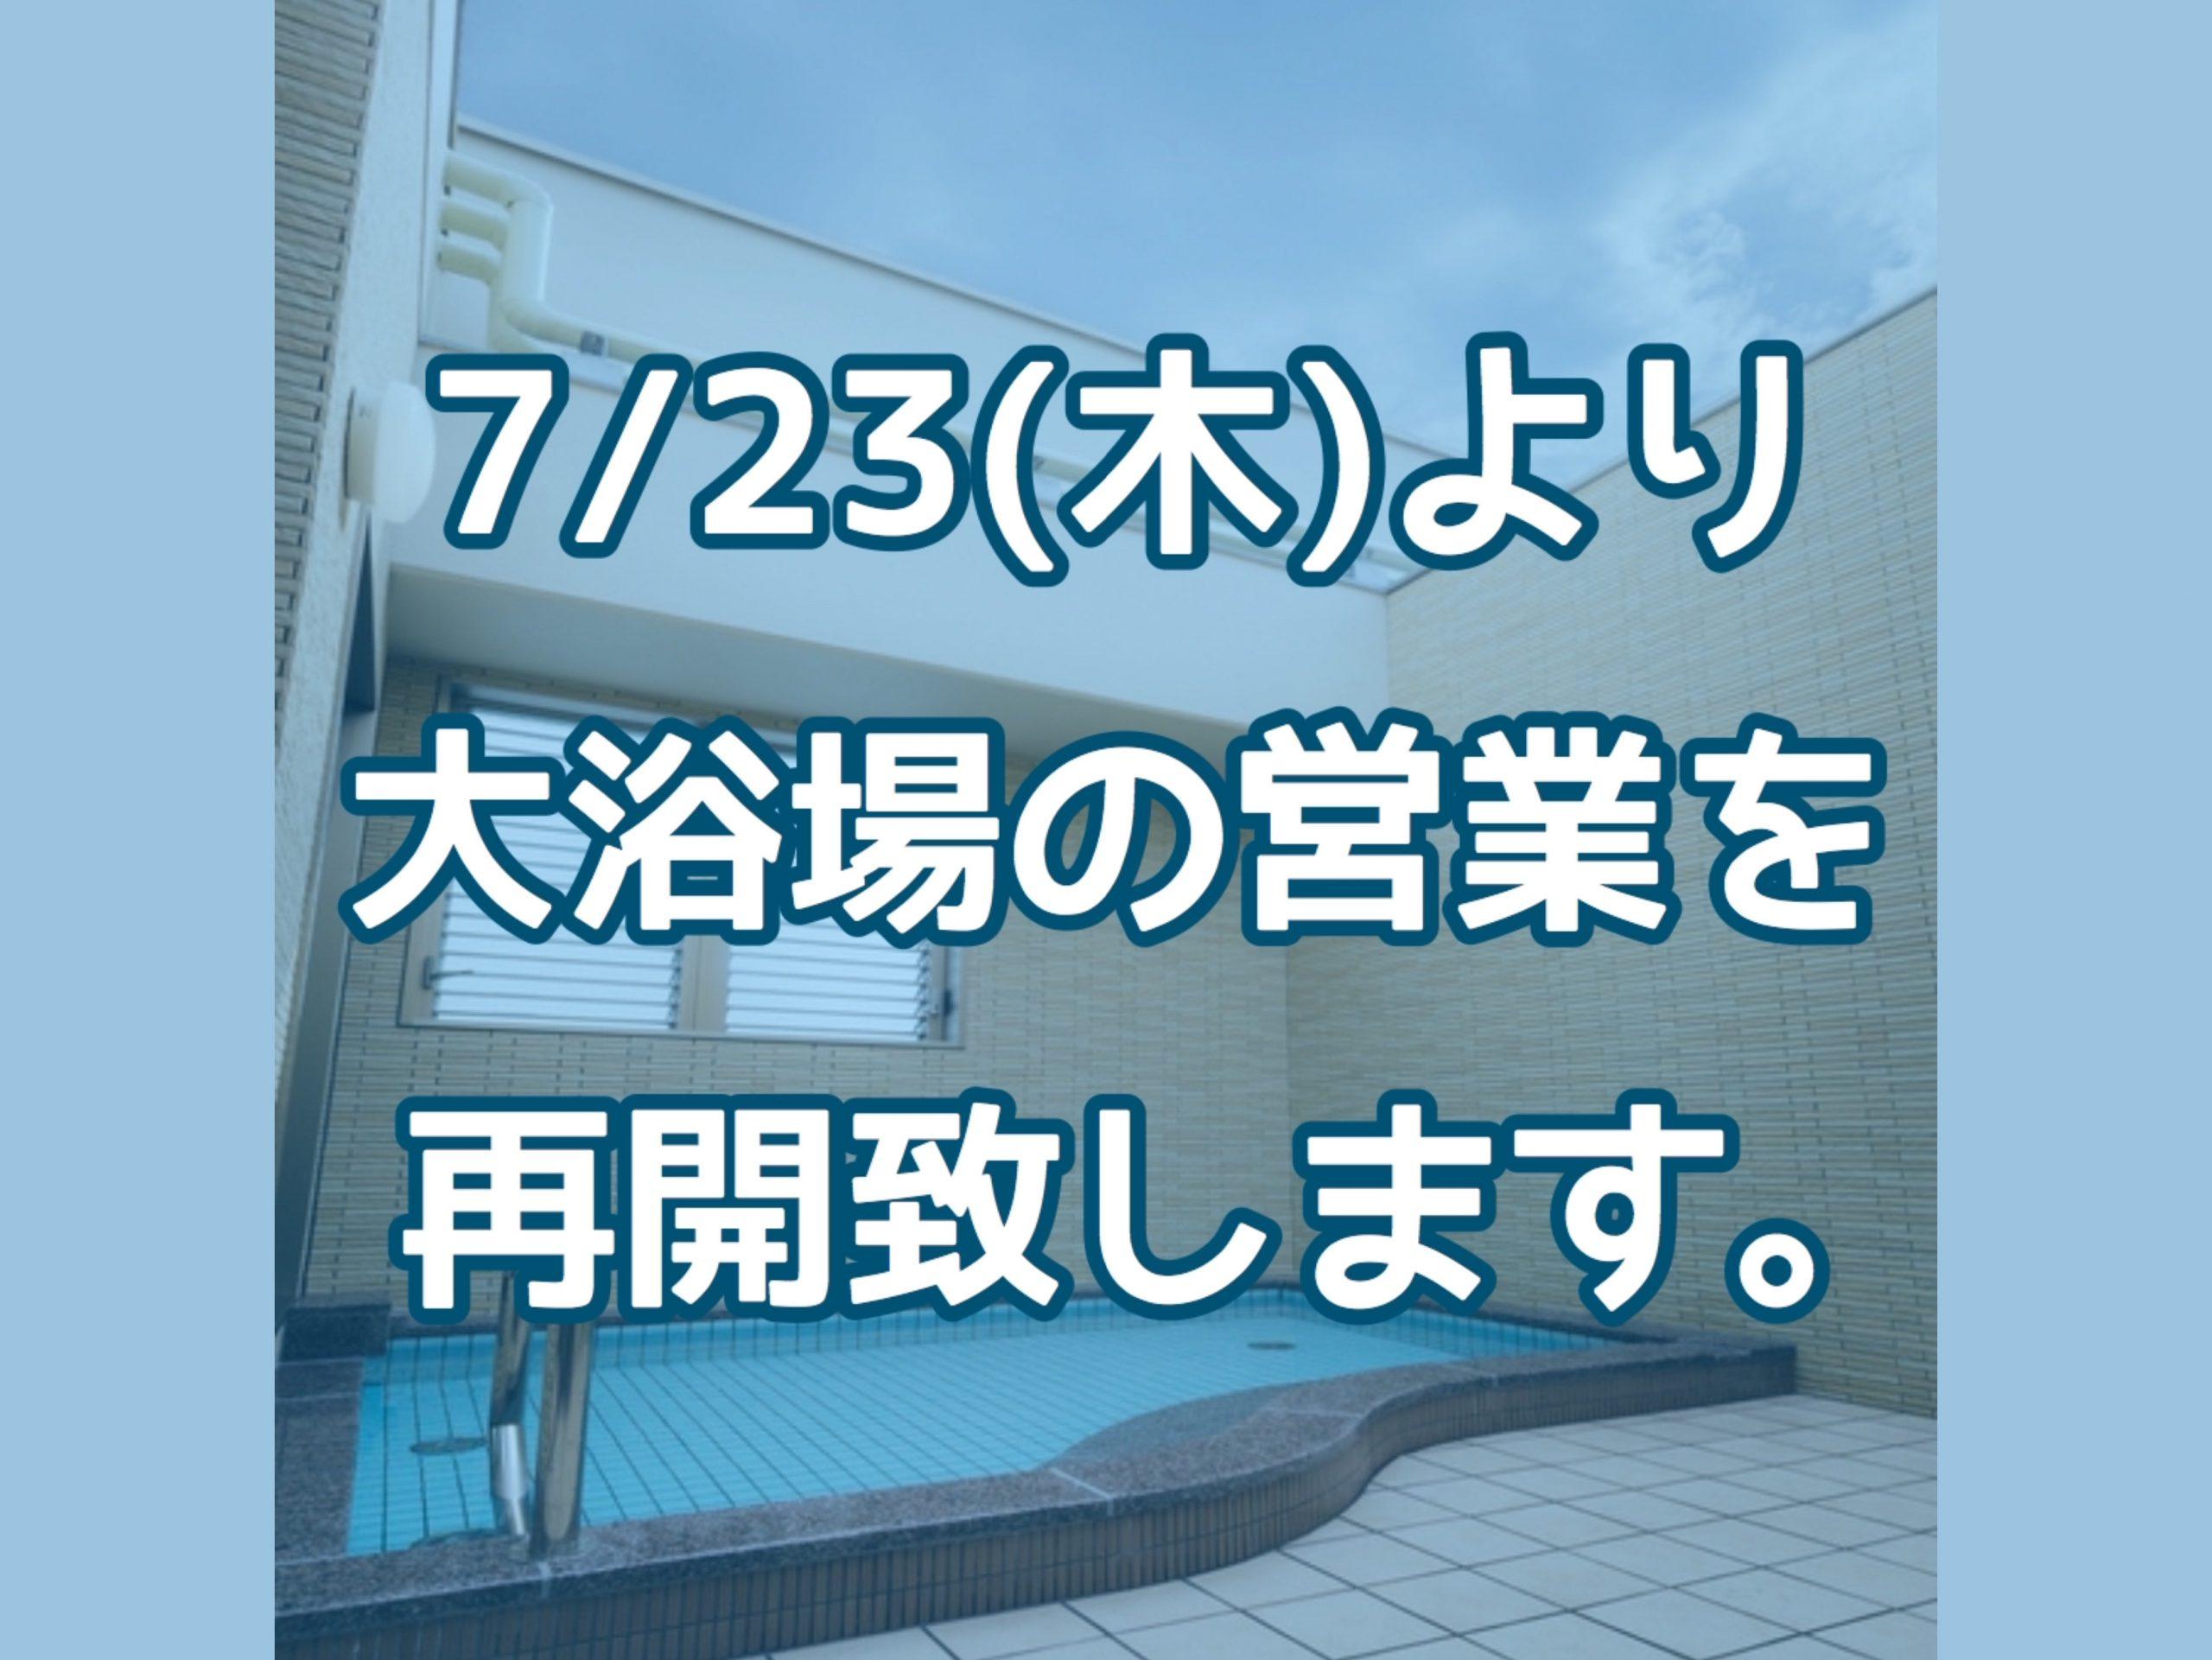 プレミア8階大浴場の利用再開のお知らせ